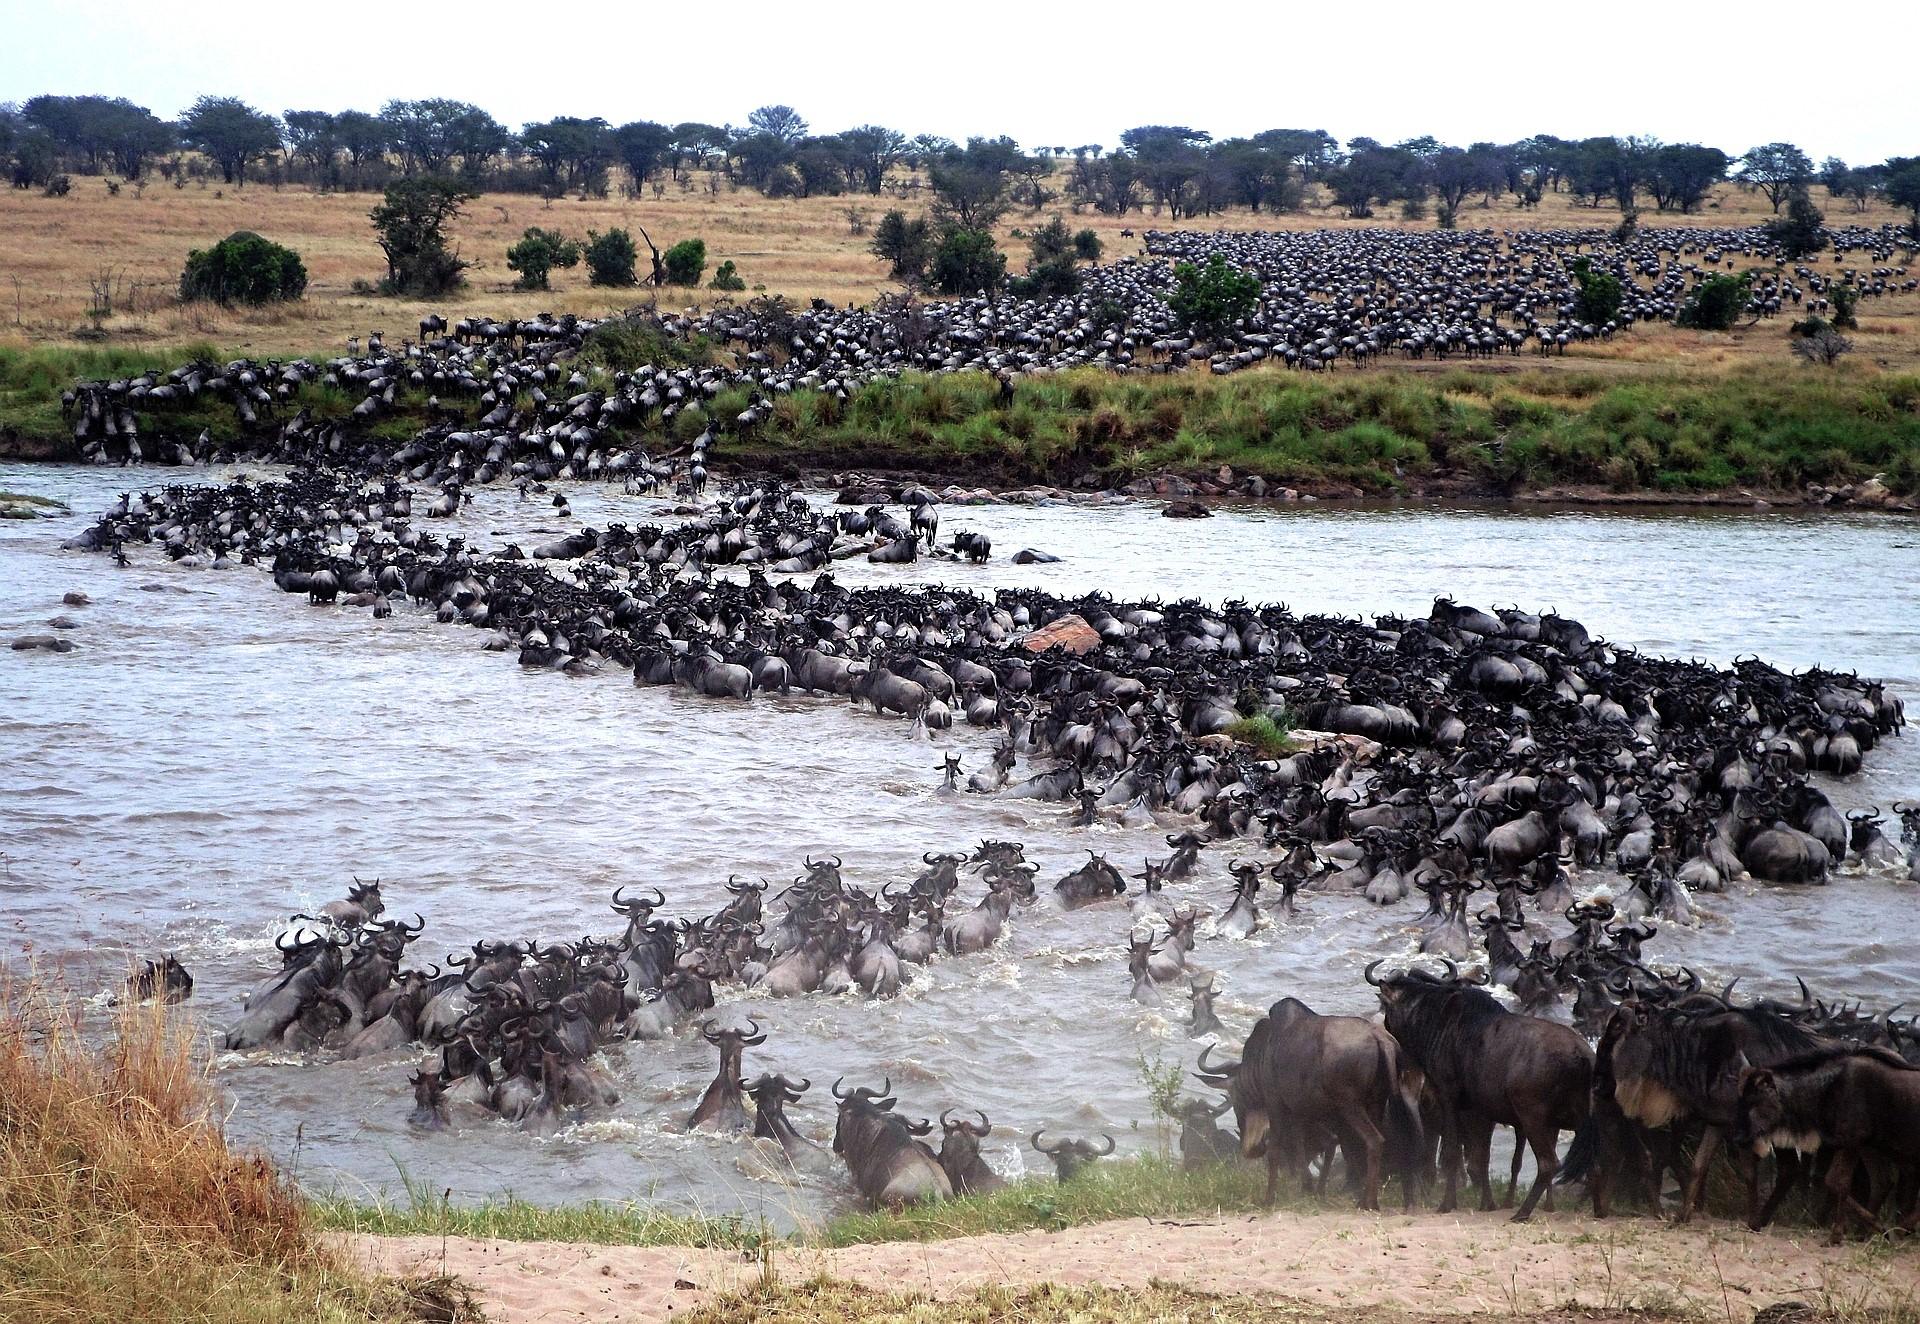 Die Wanderung nach Instinkt statt GPS Warum die Tiere der Serengeti sich zurecht auf sich selbst verlassen